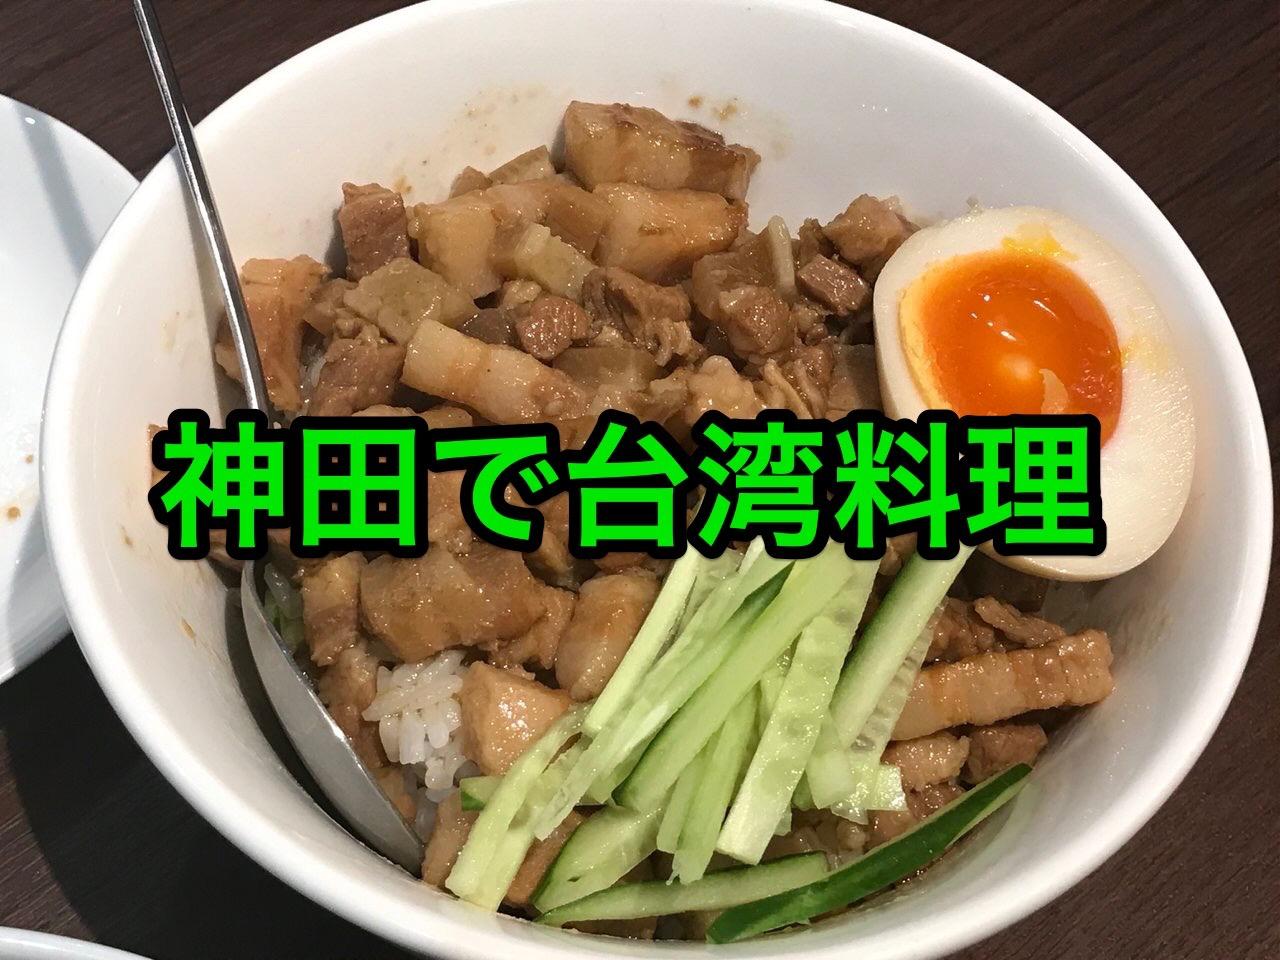 「台湾MACHI」魯肉飯専門店で食べる魯肉飯【神田】